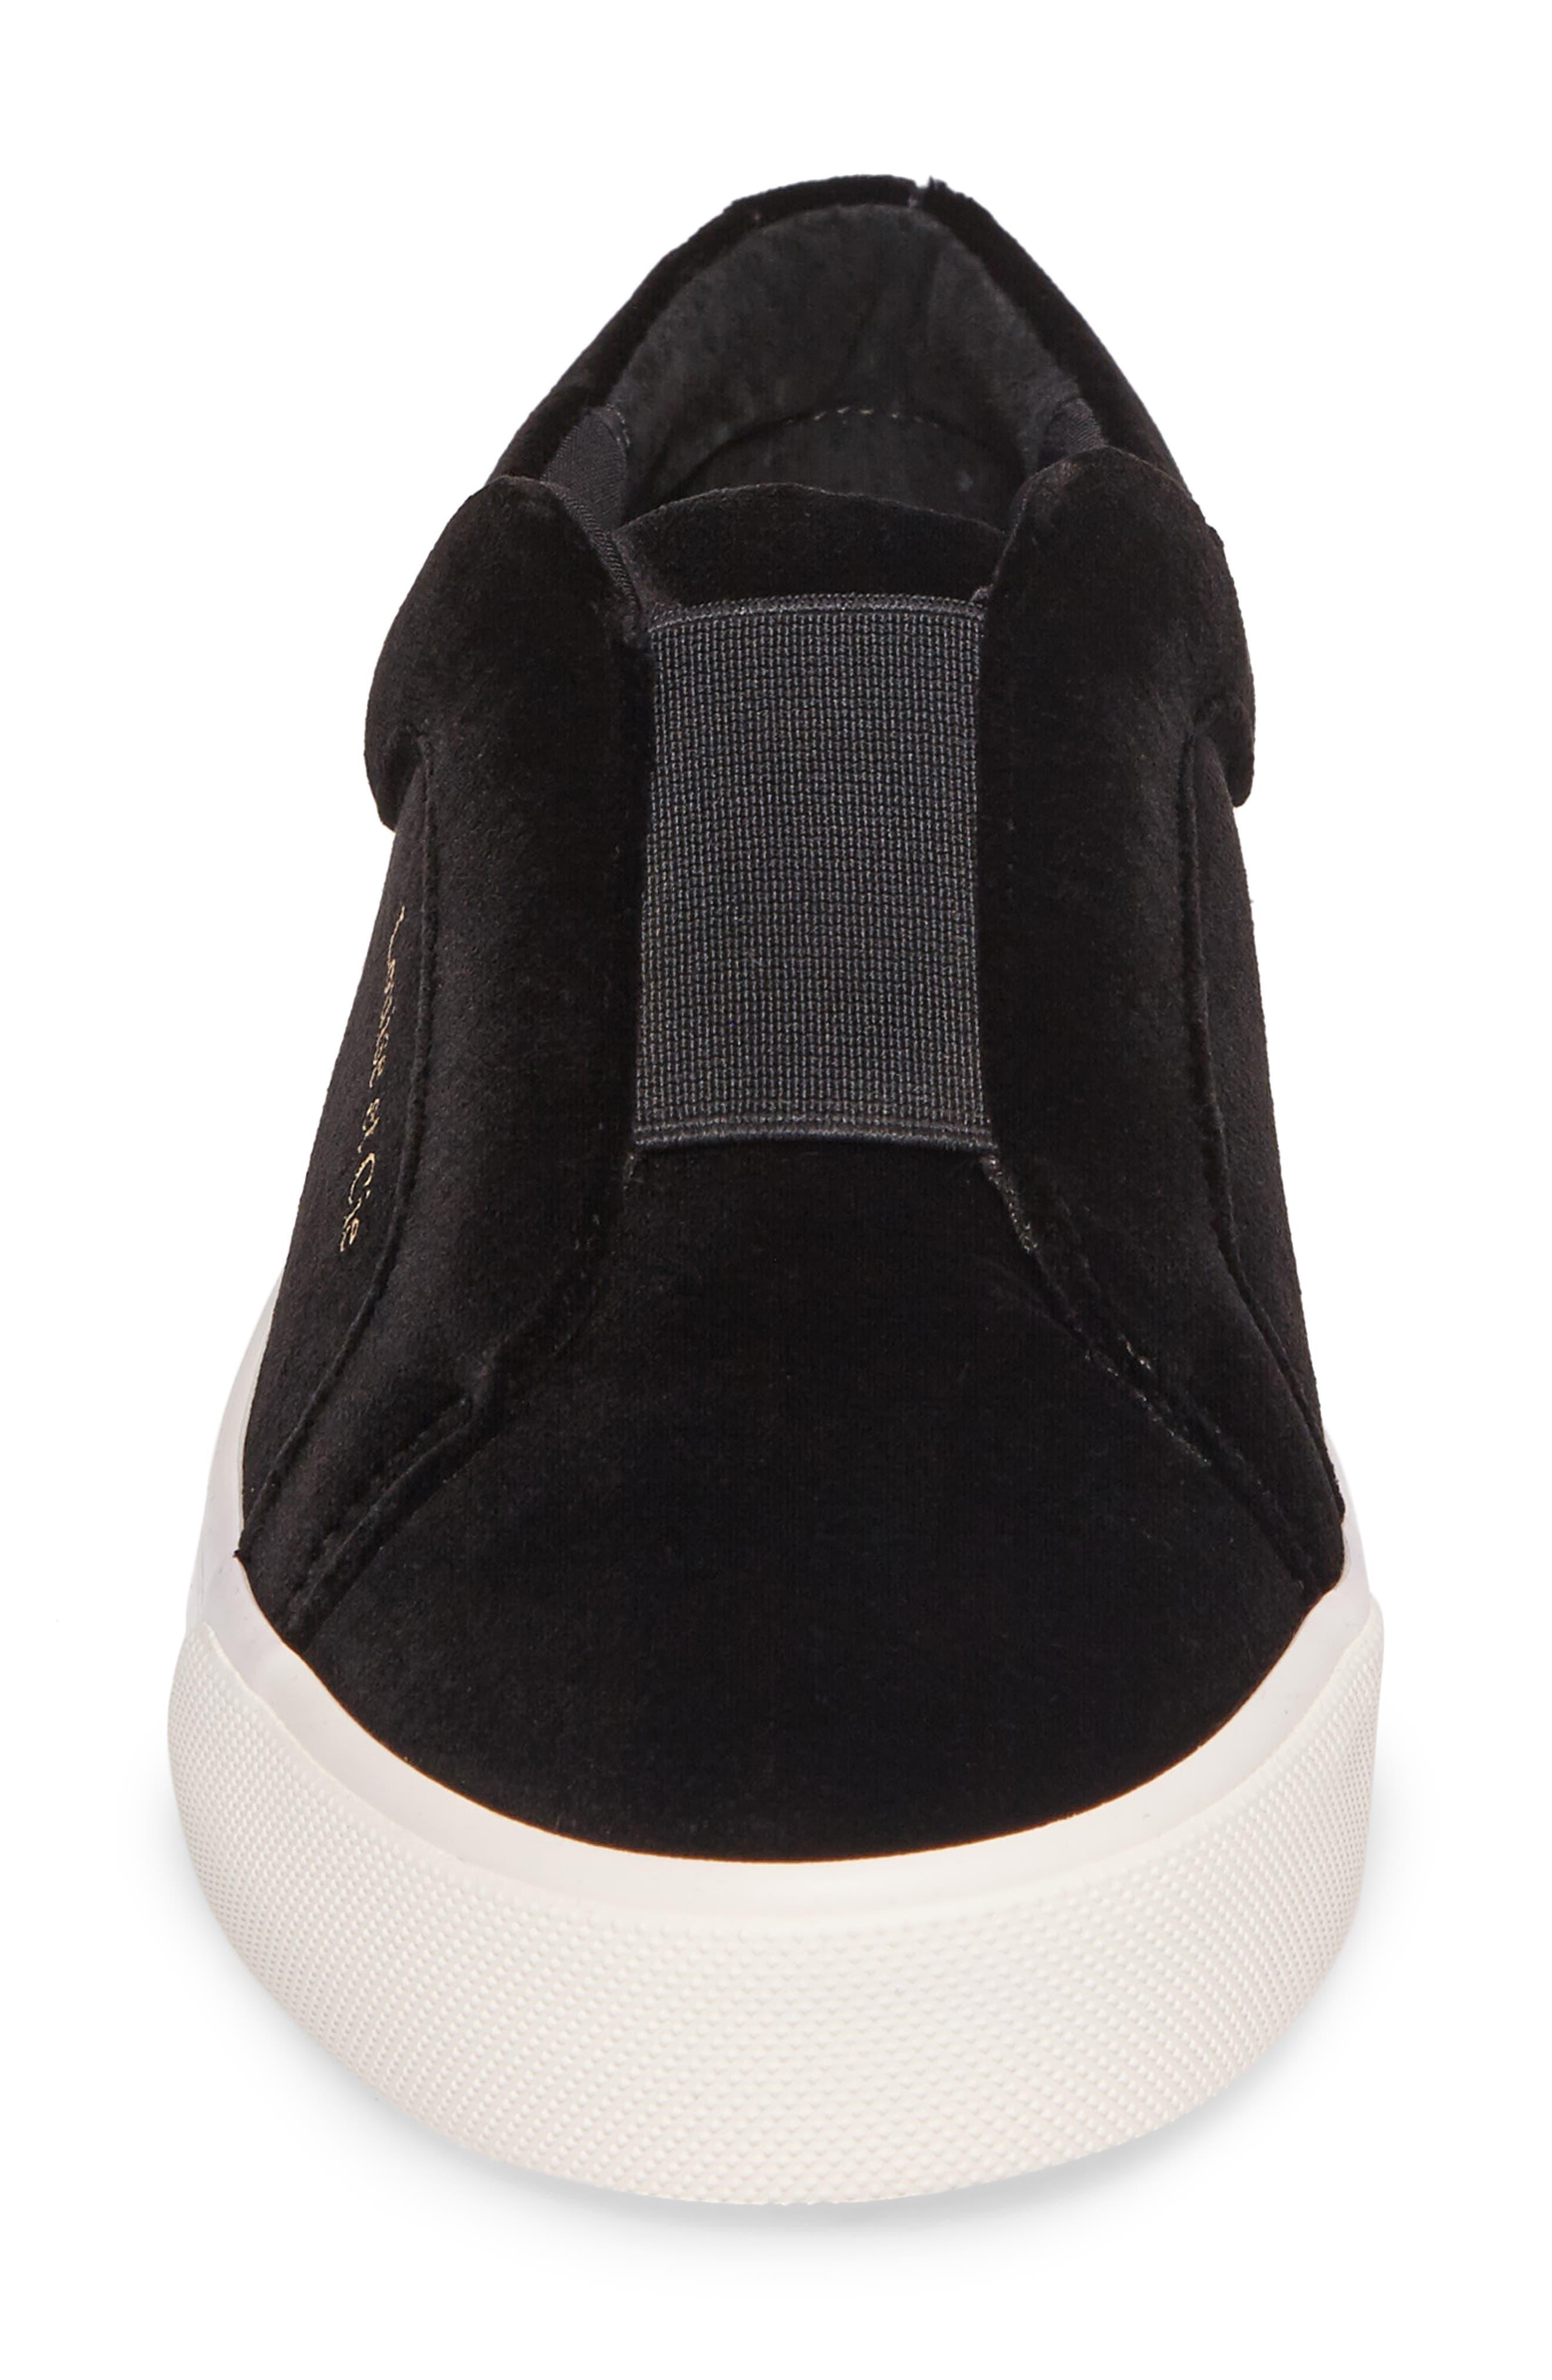 Bette Slip-On Sneaker,                             Alternate thumbnail 4, color,                             001